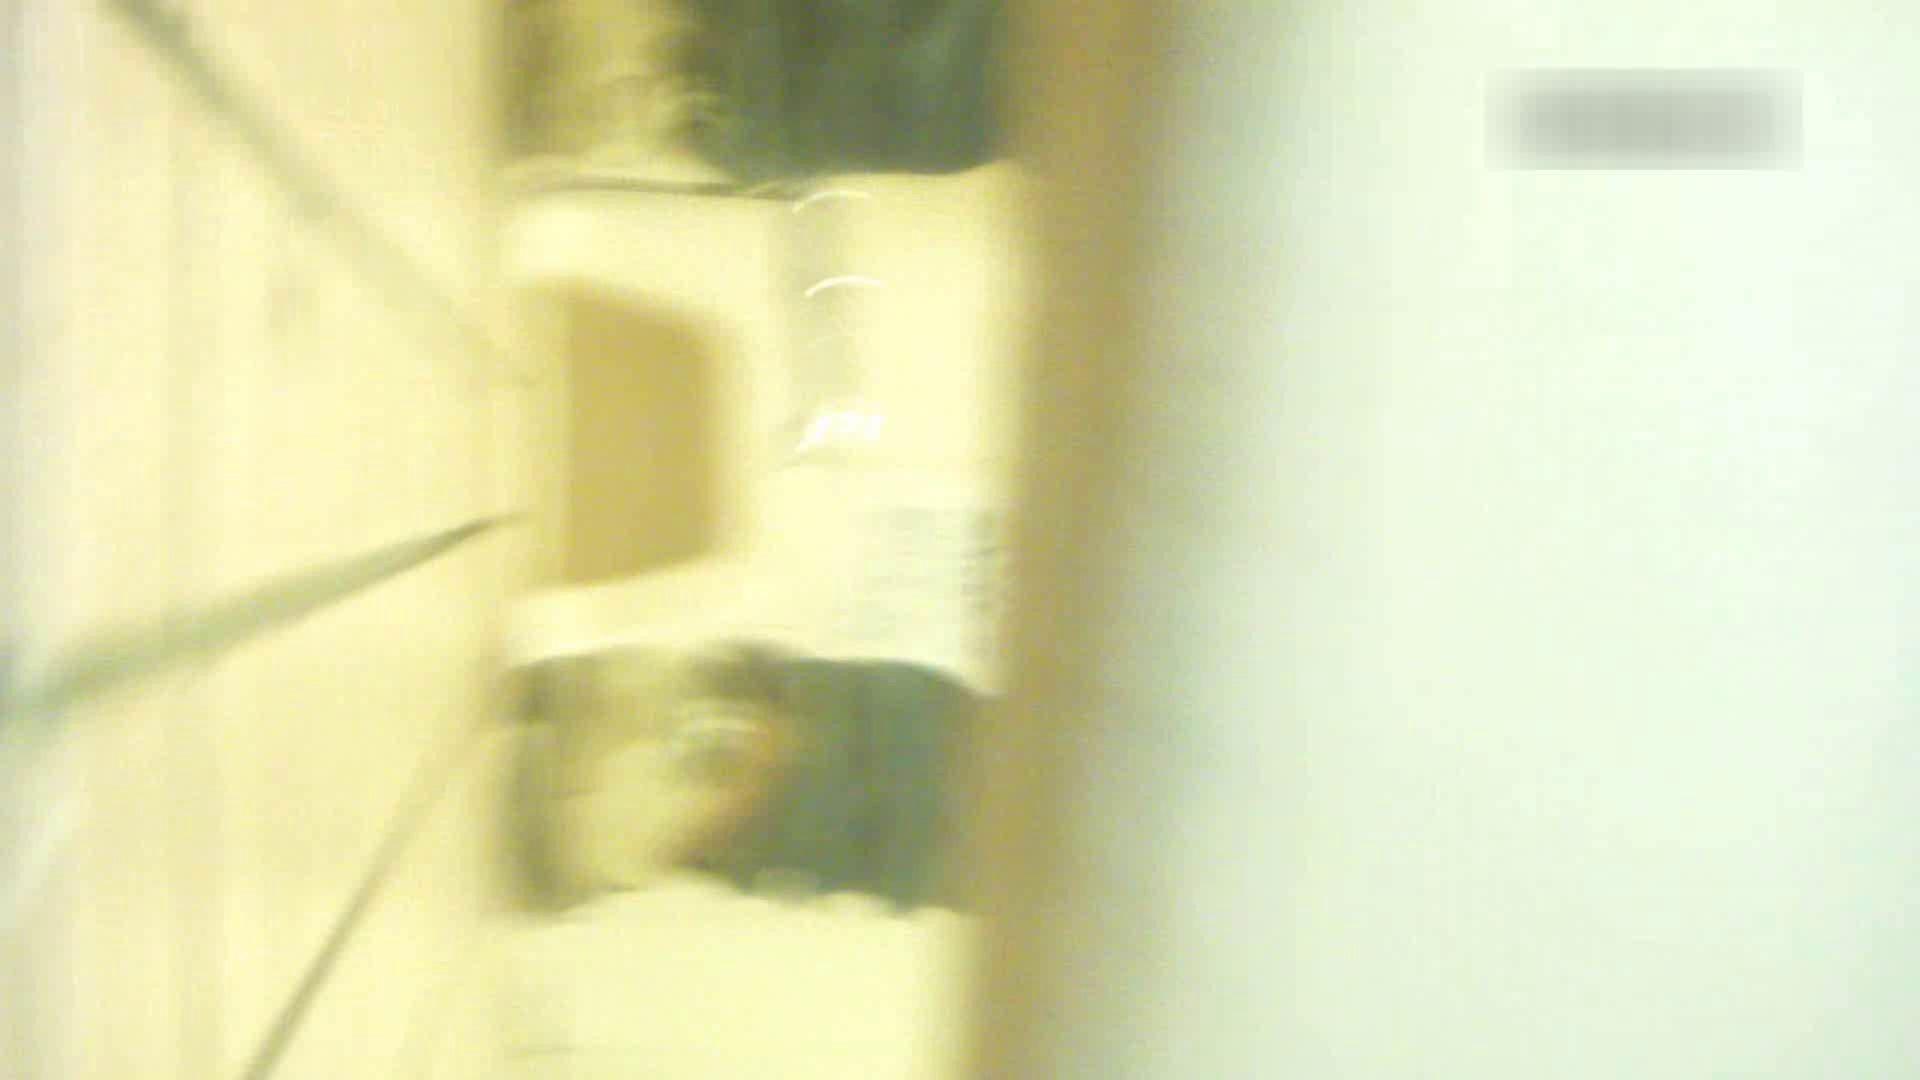 お姉さんの恥便所盗撮! Vol.4 お姉さん丸裸 エロ無料画像 76pic 51